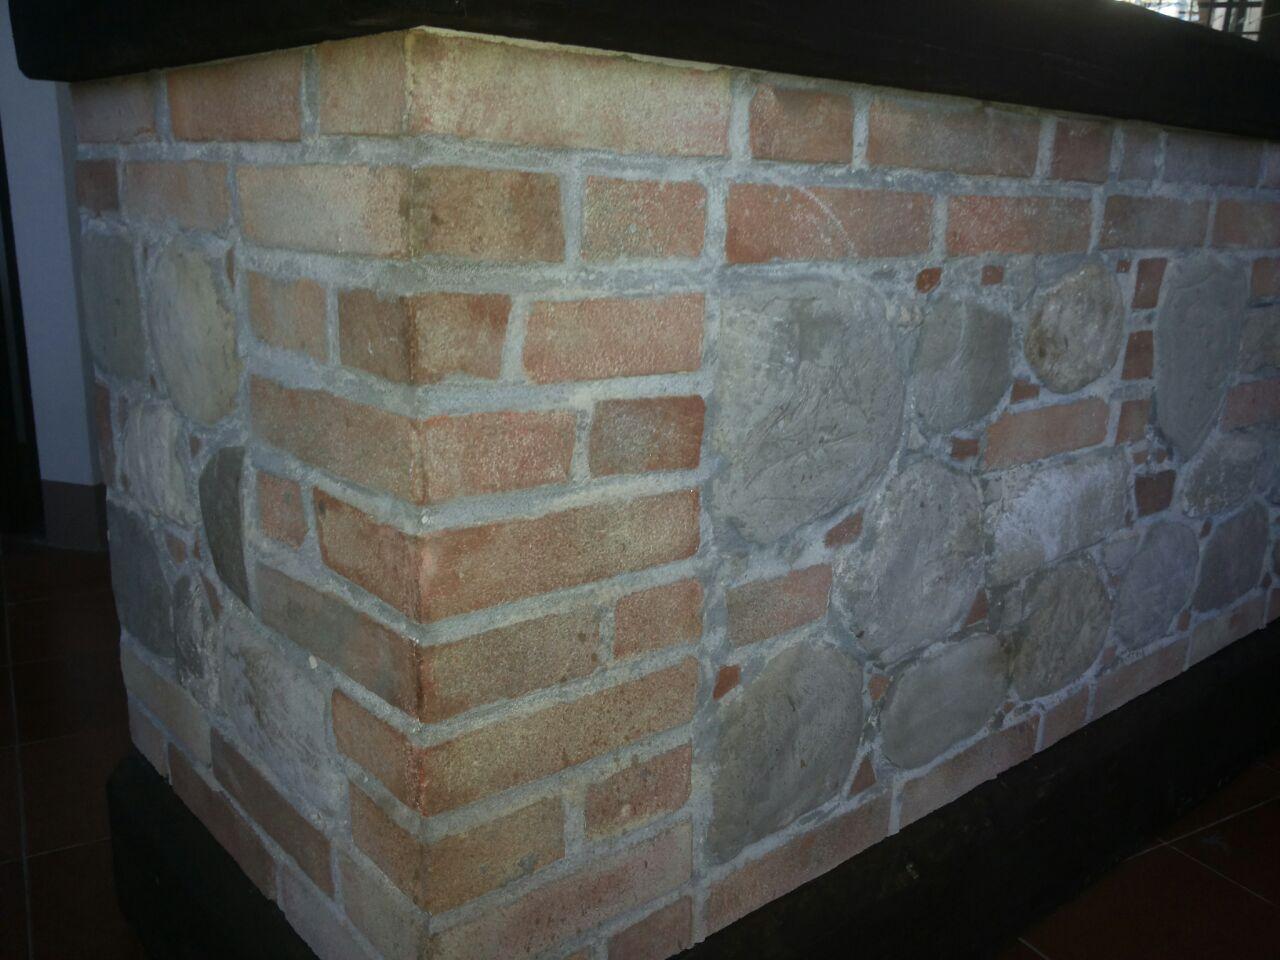 Bancone realizzato in finti mattoni/pietre faccia a vista